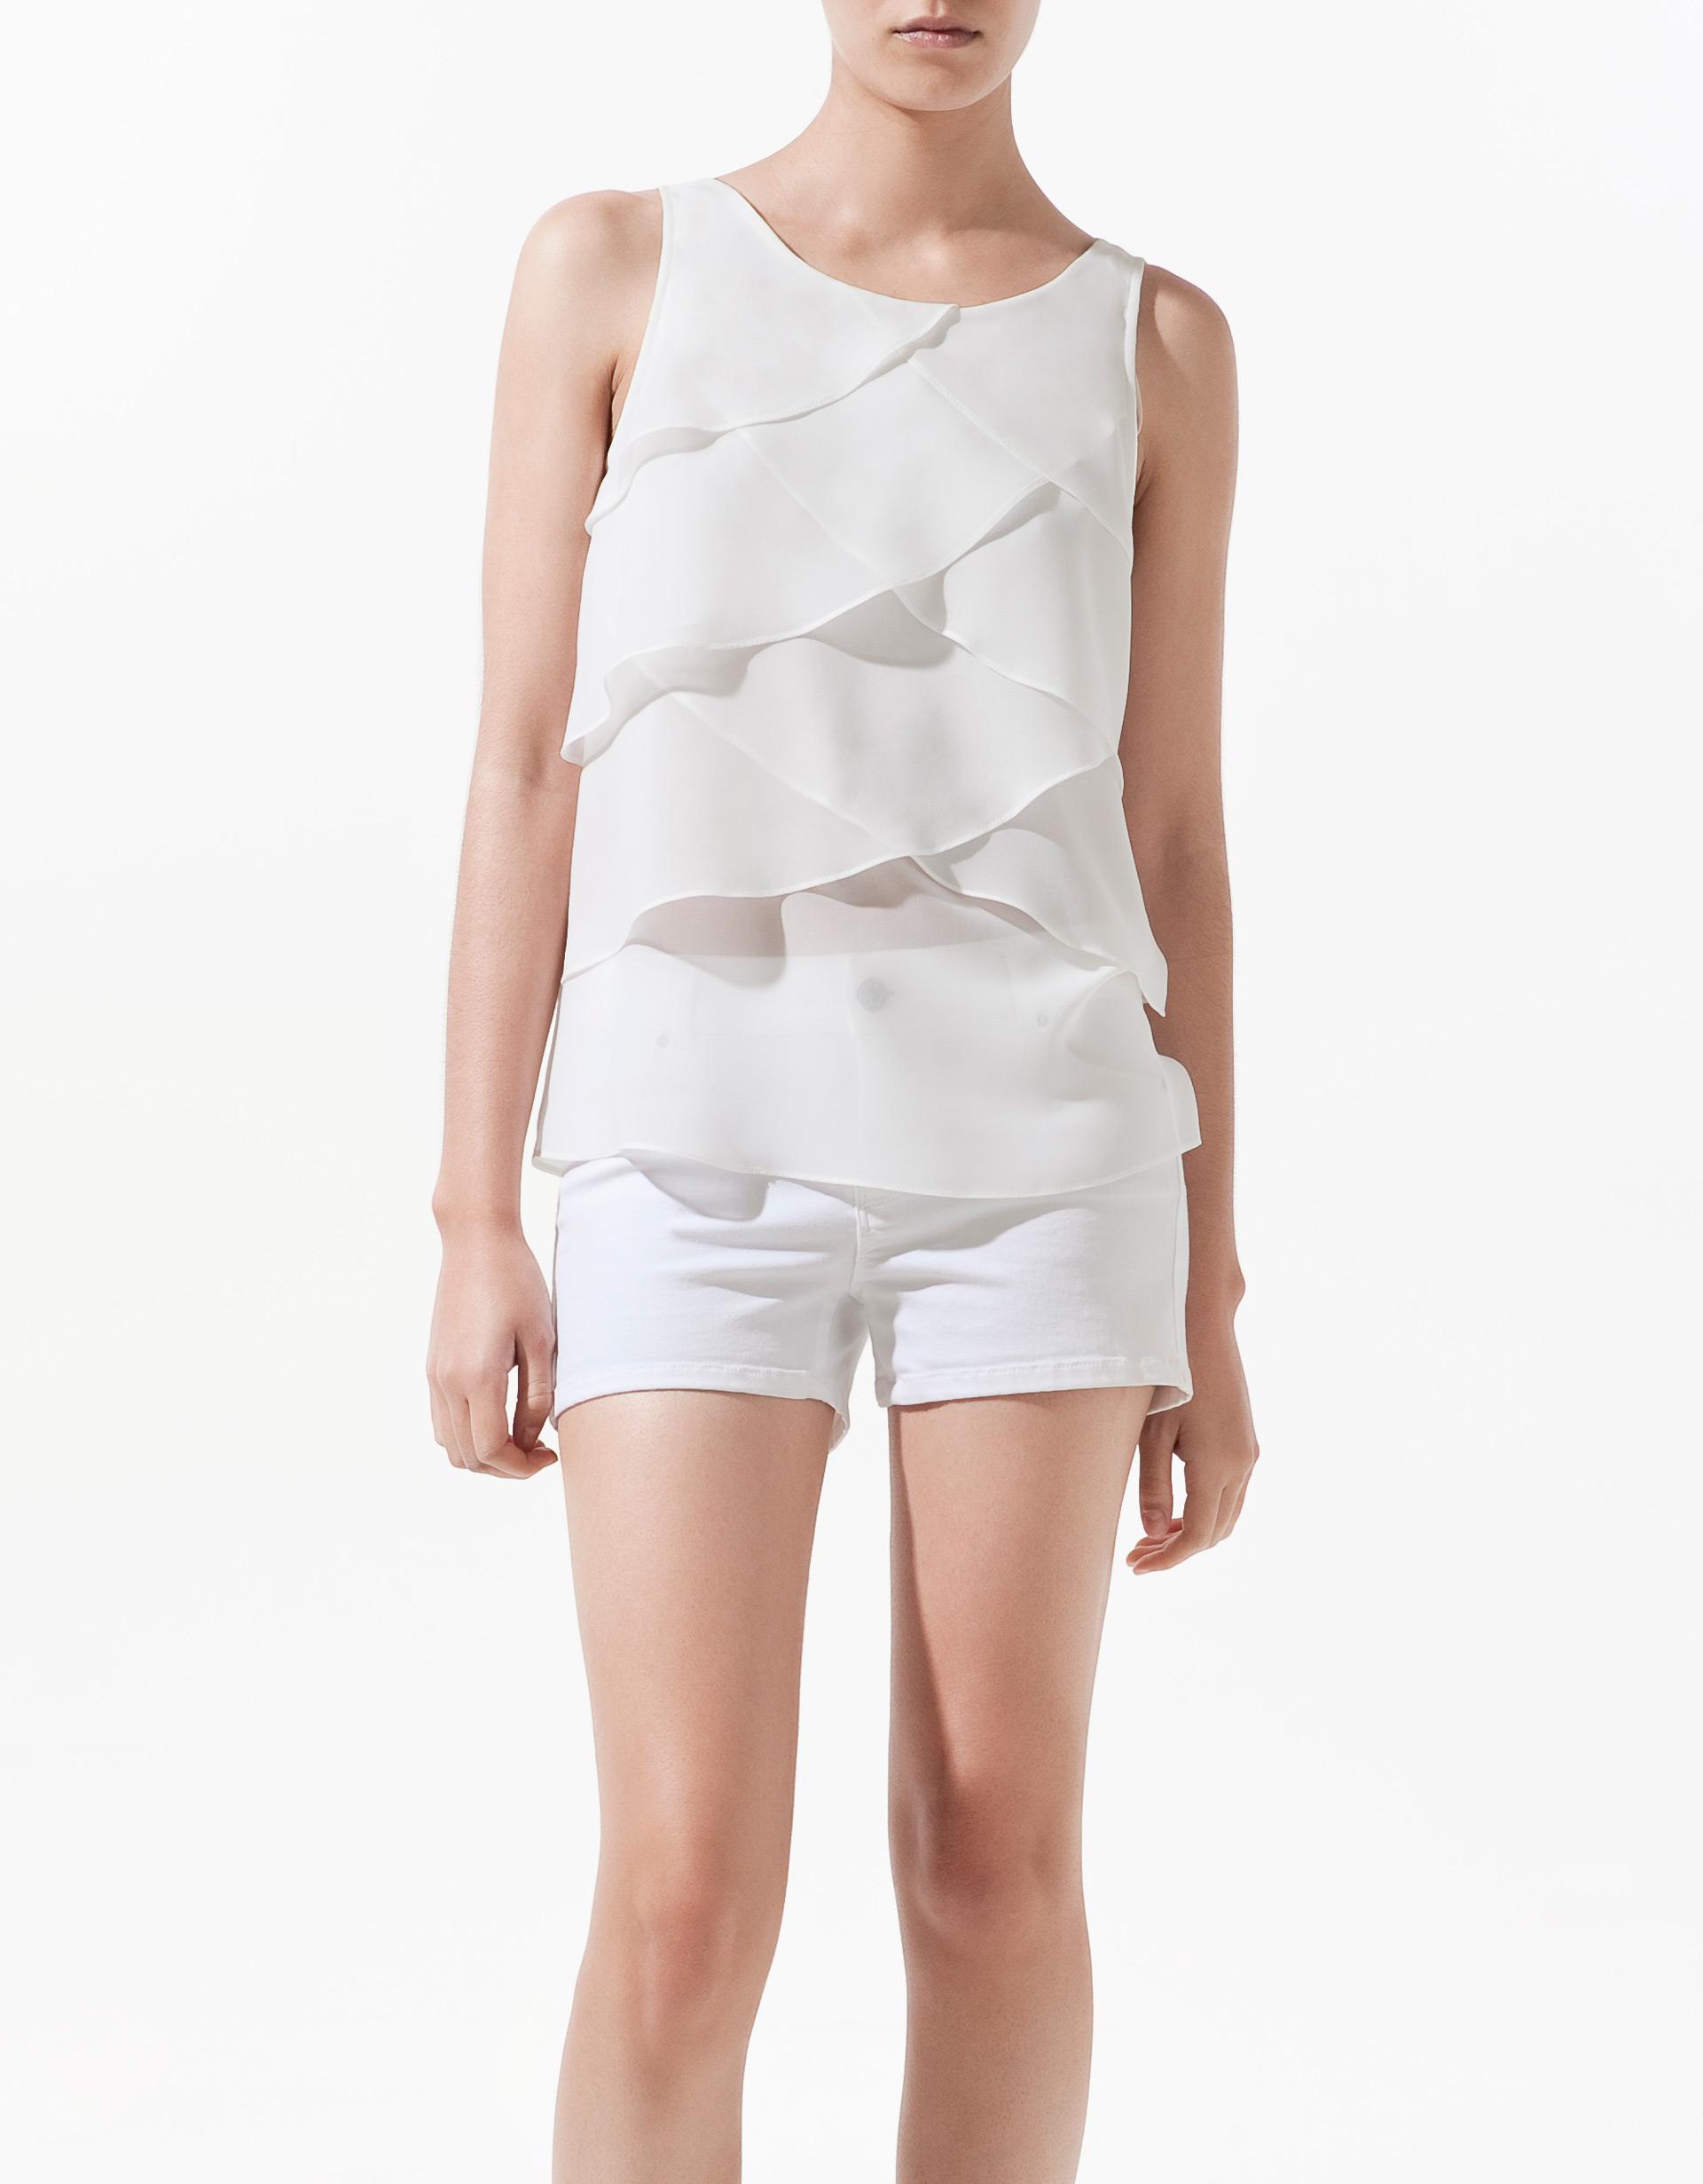 Zara Blouse With Transparent Frills 114